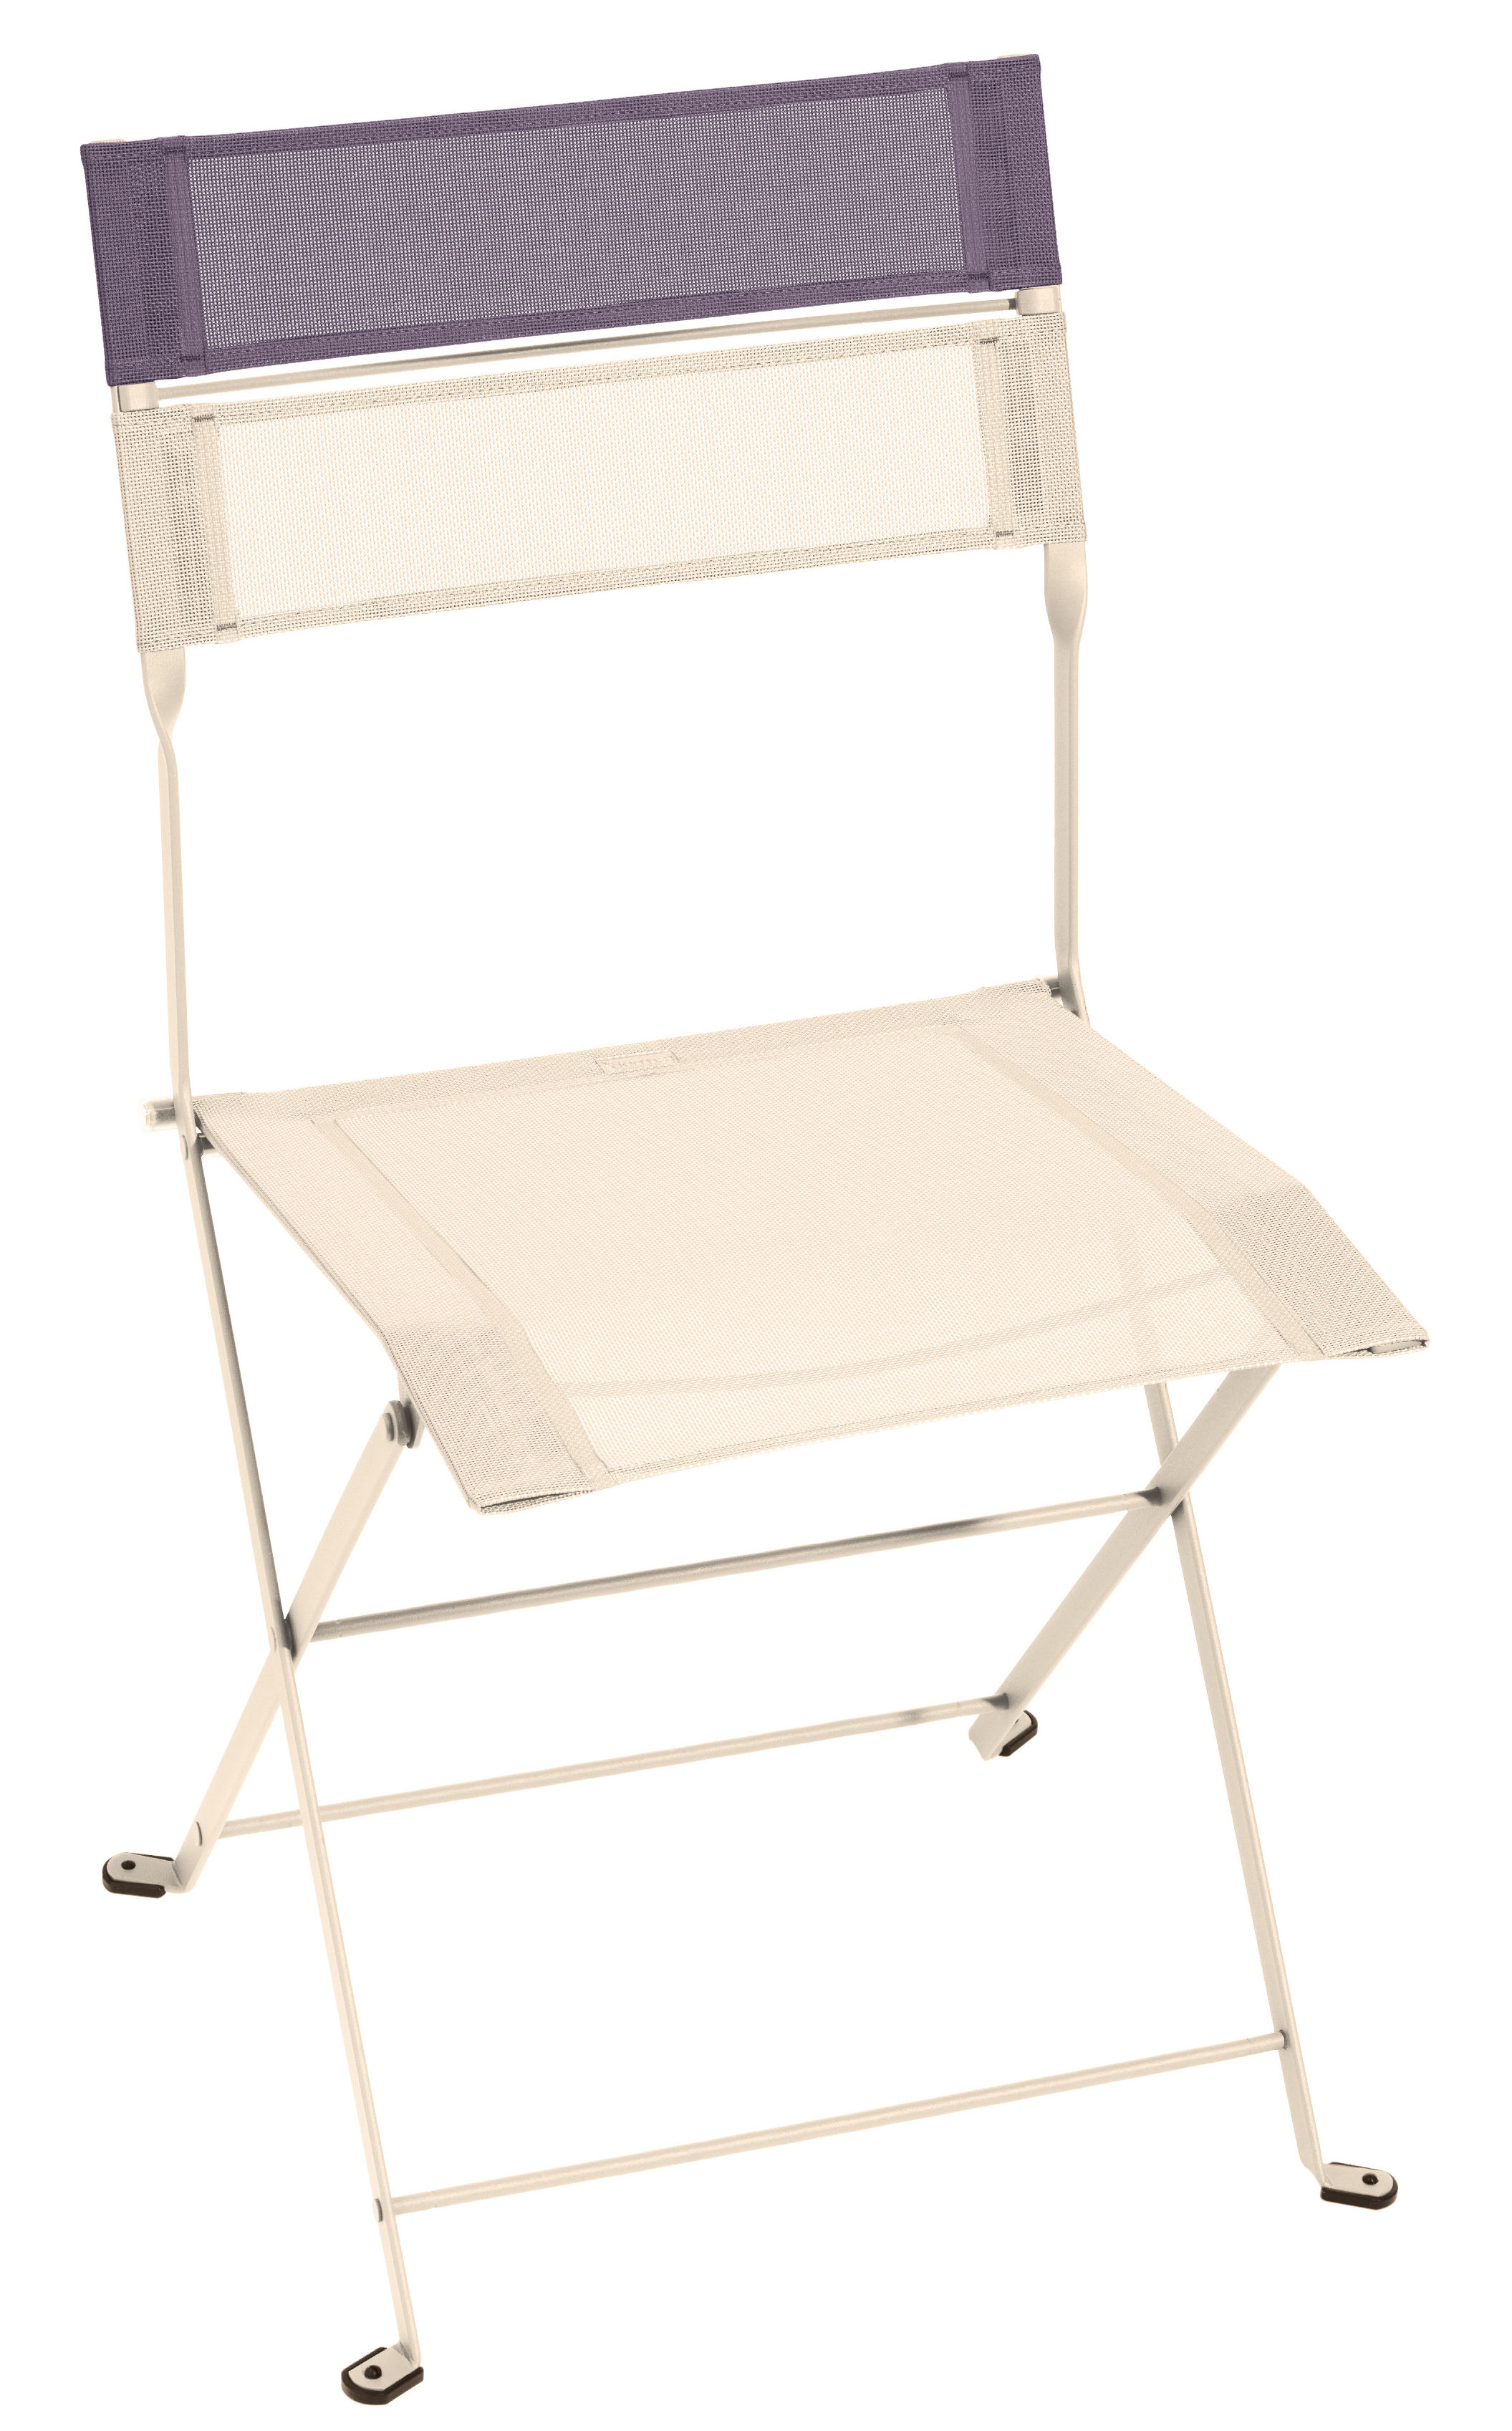 Chaise pliante latitude toile lin bandeau prune fermob - Chaise pliante toile ...